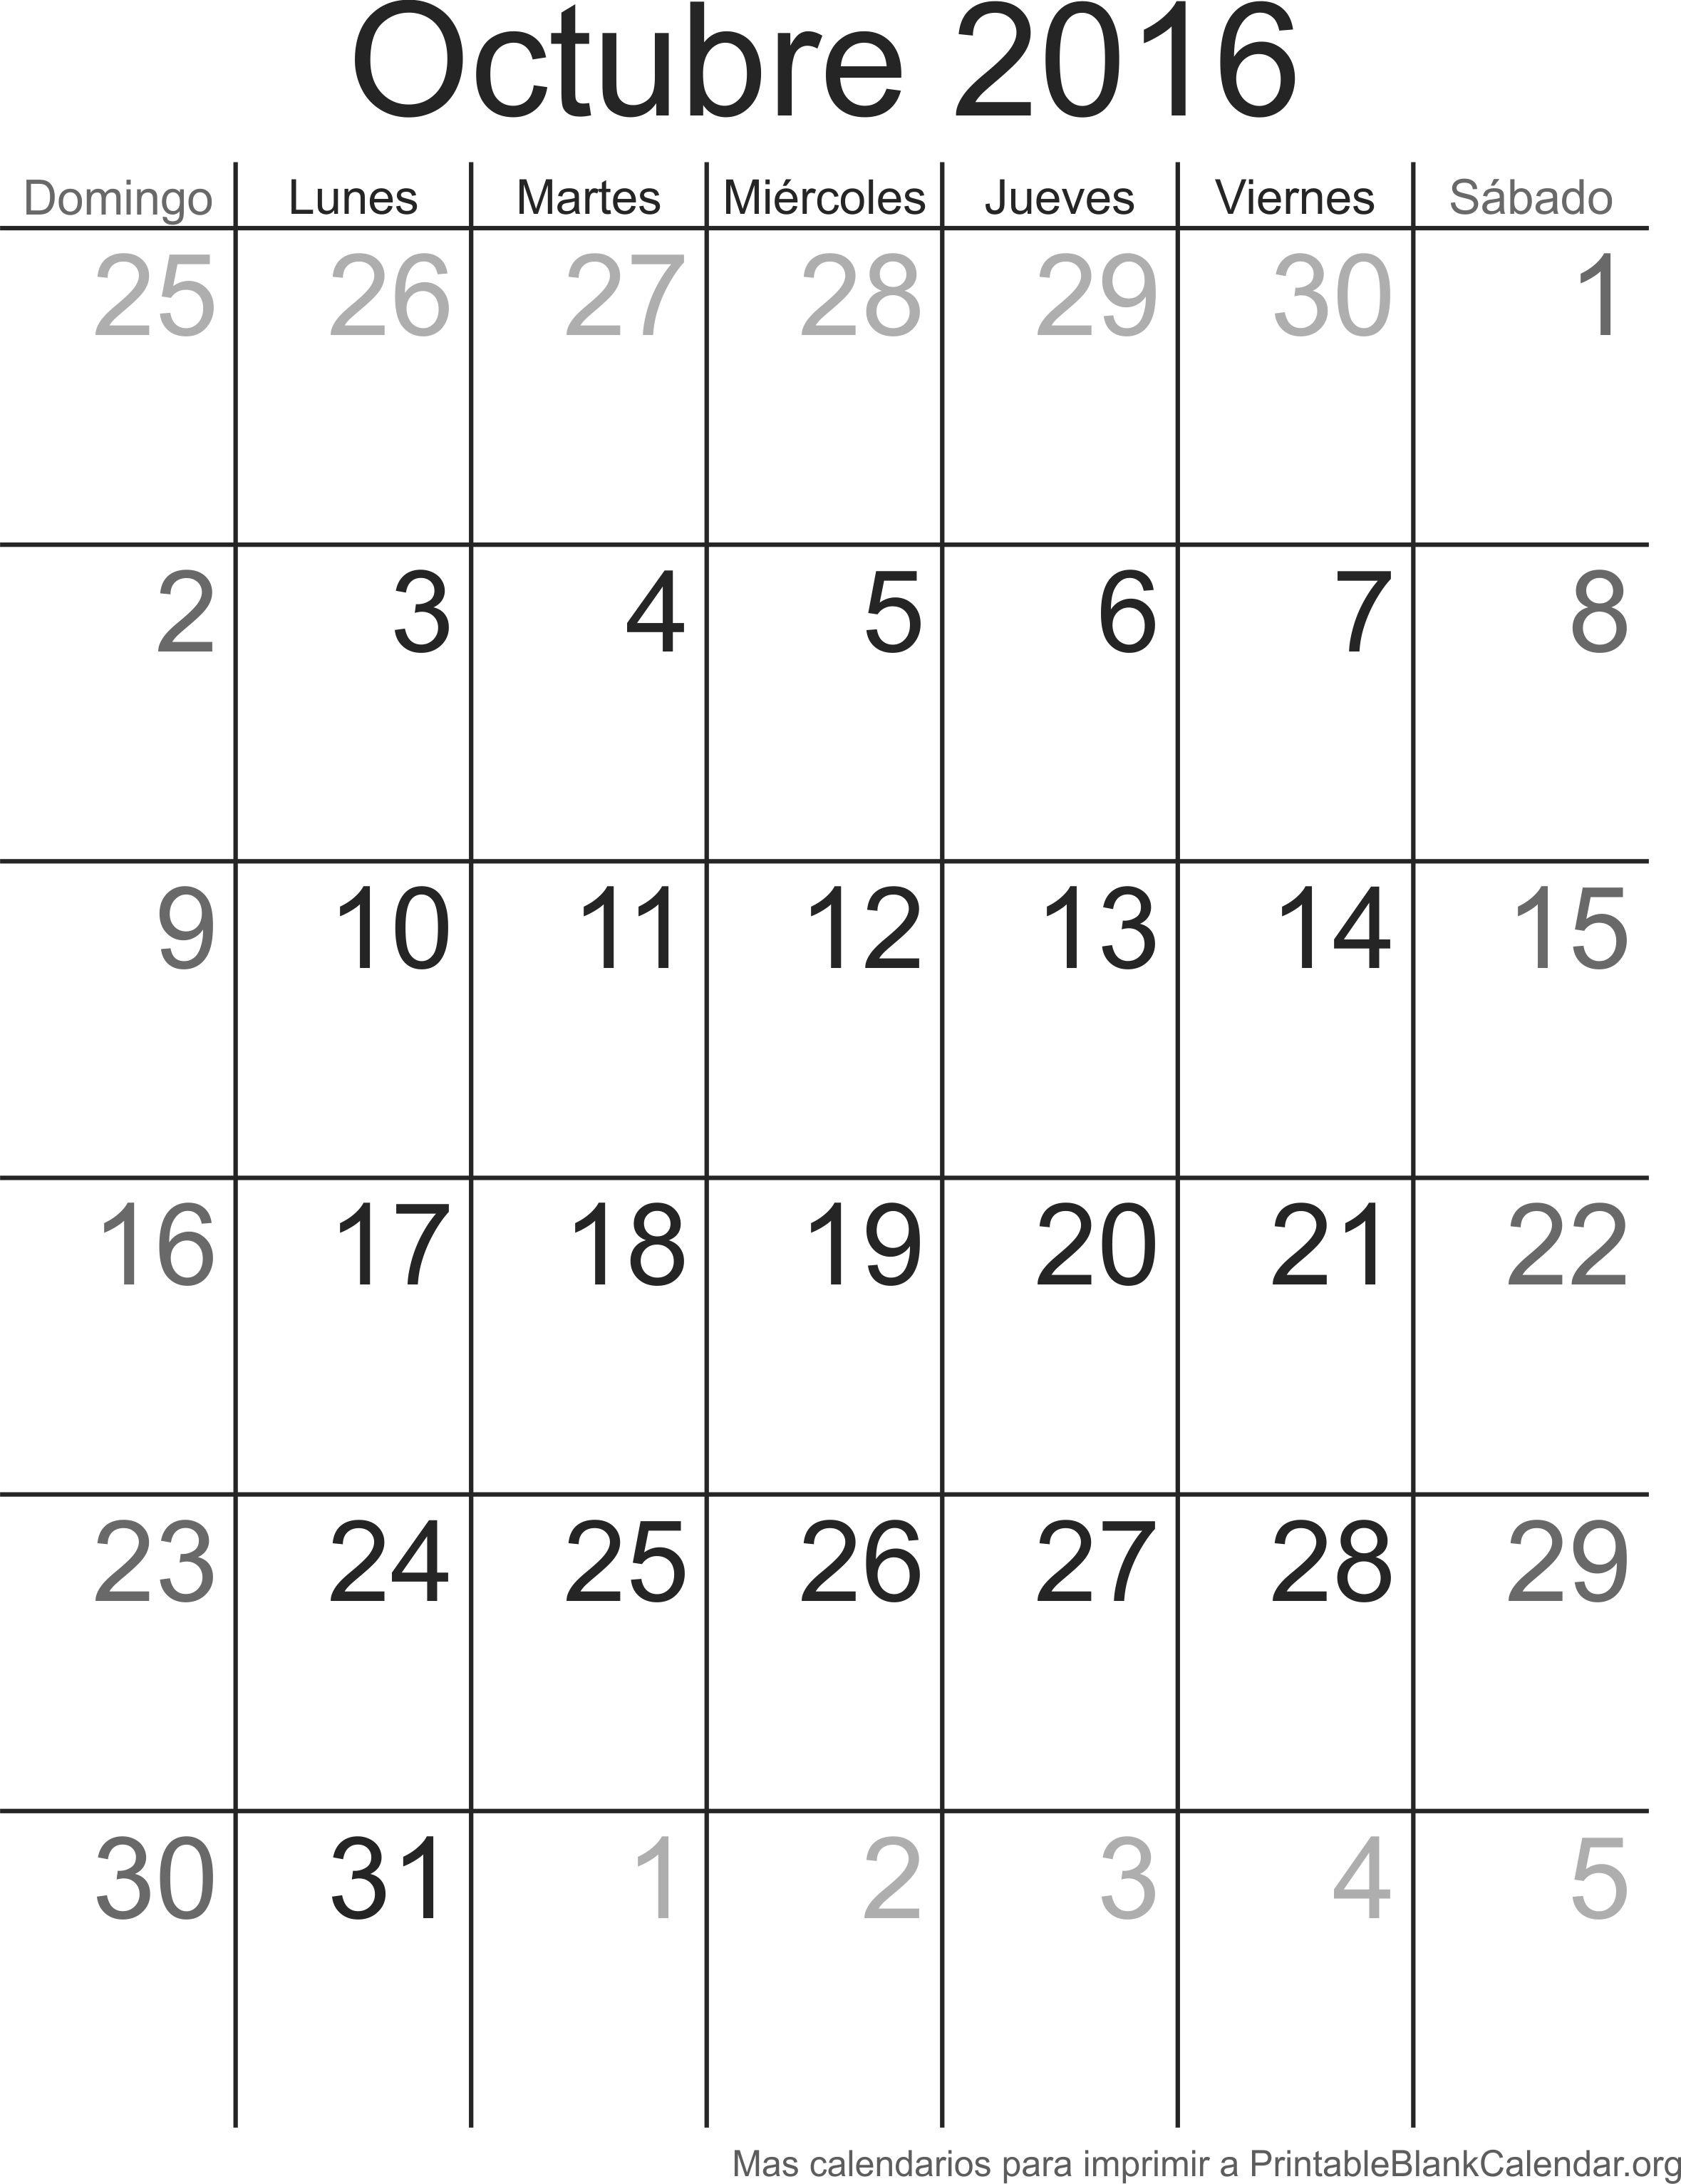 octobre 2017 calendario para imprimir calendarios para